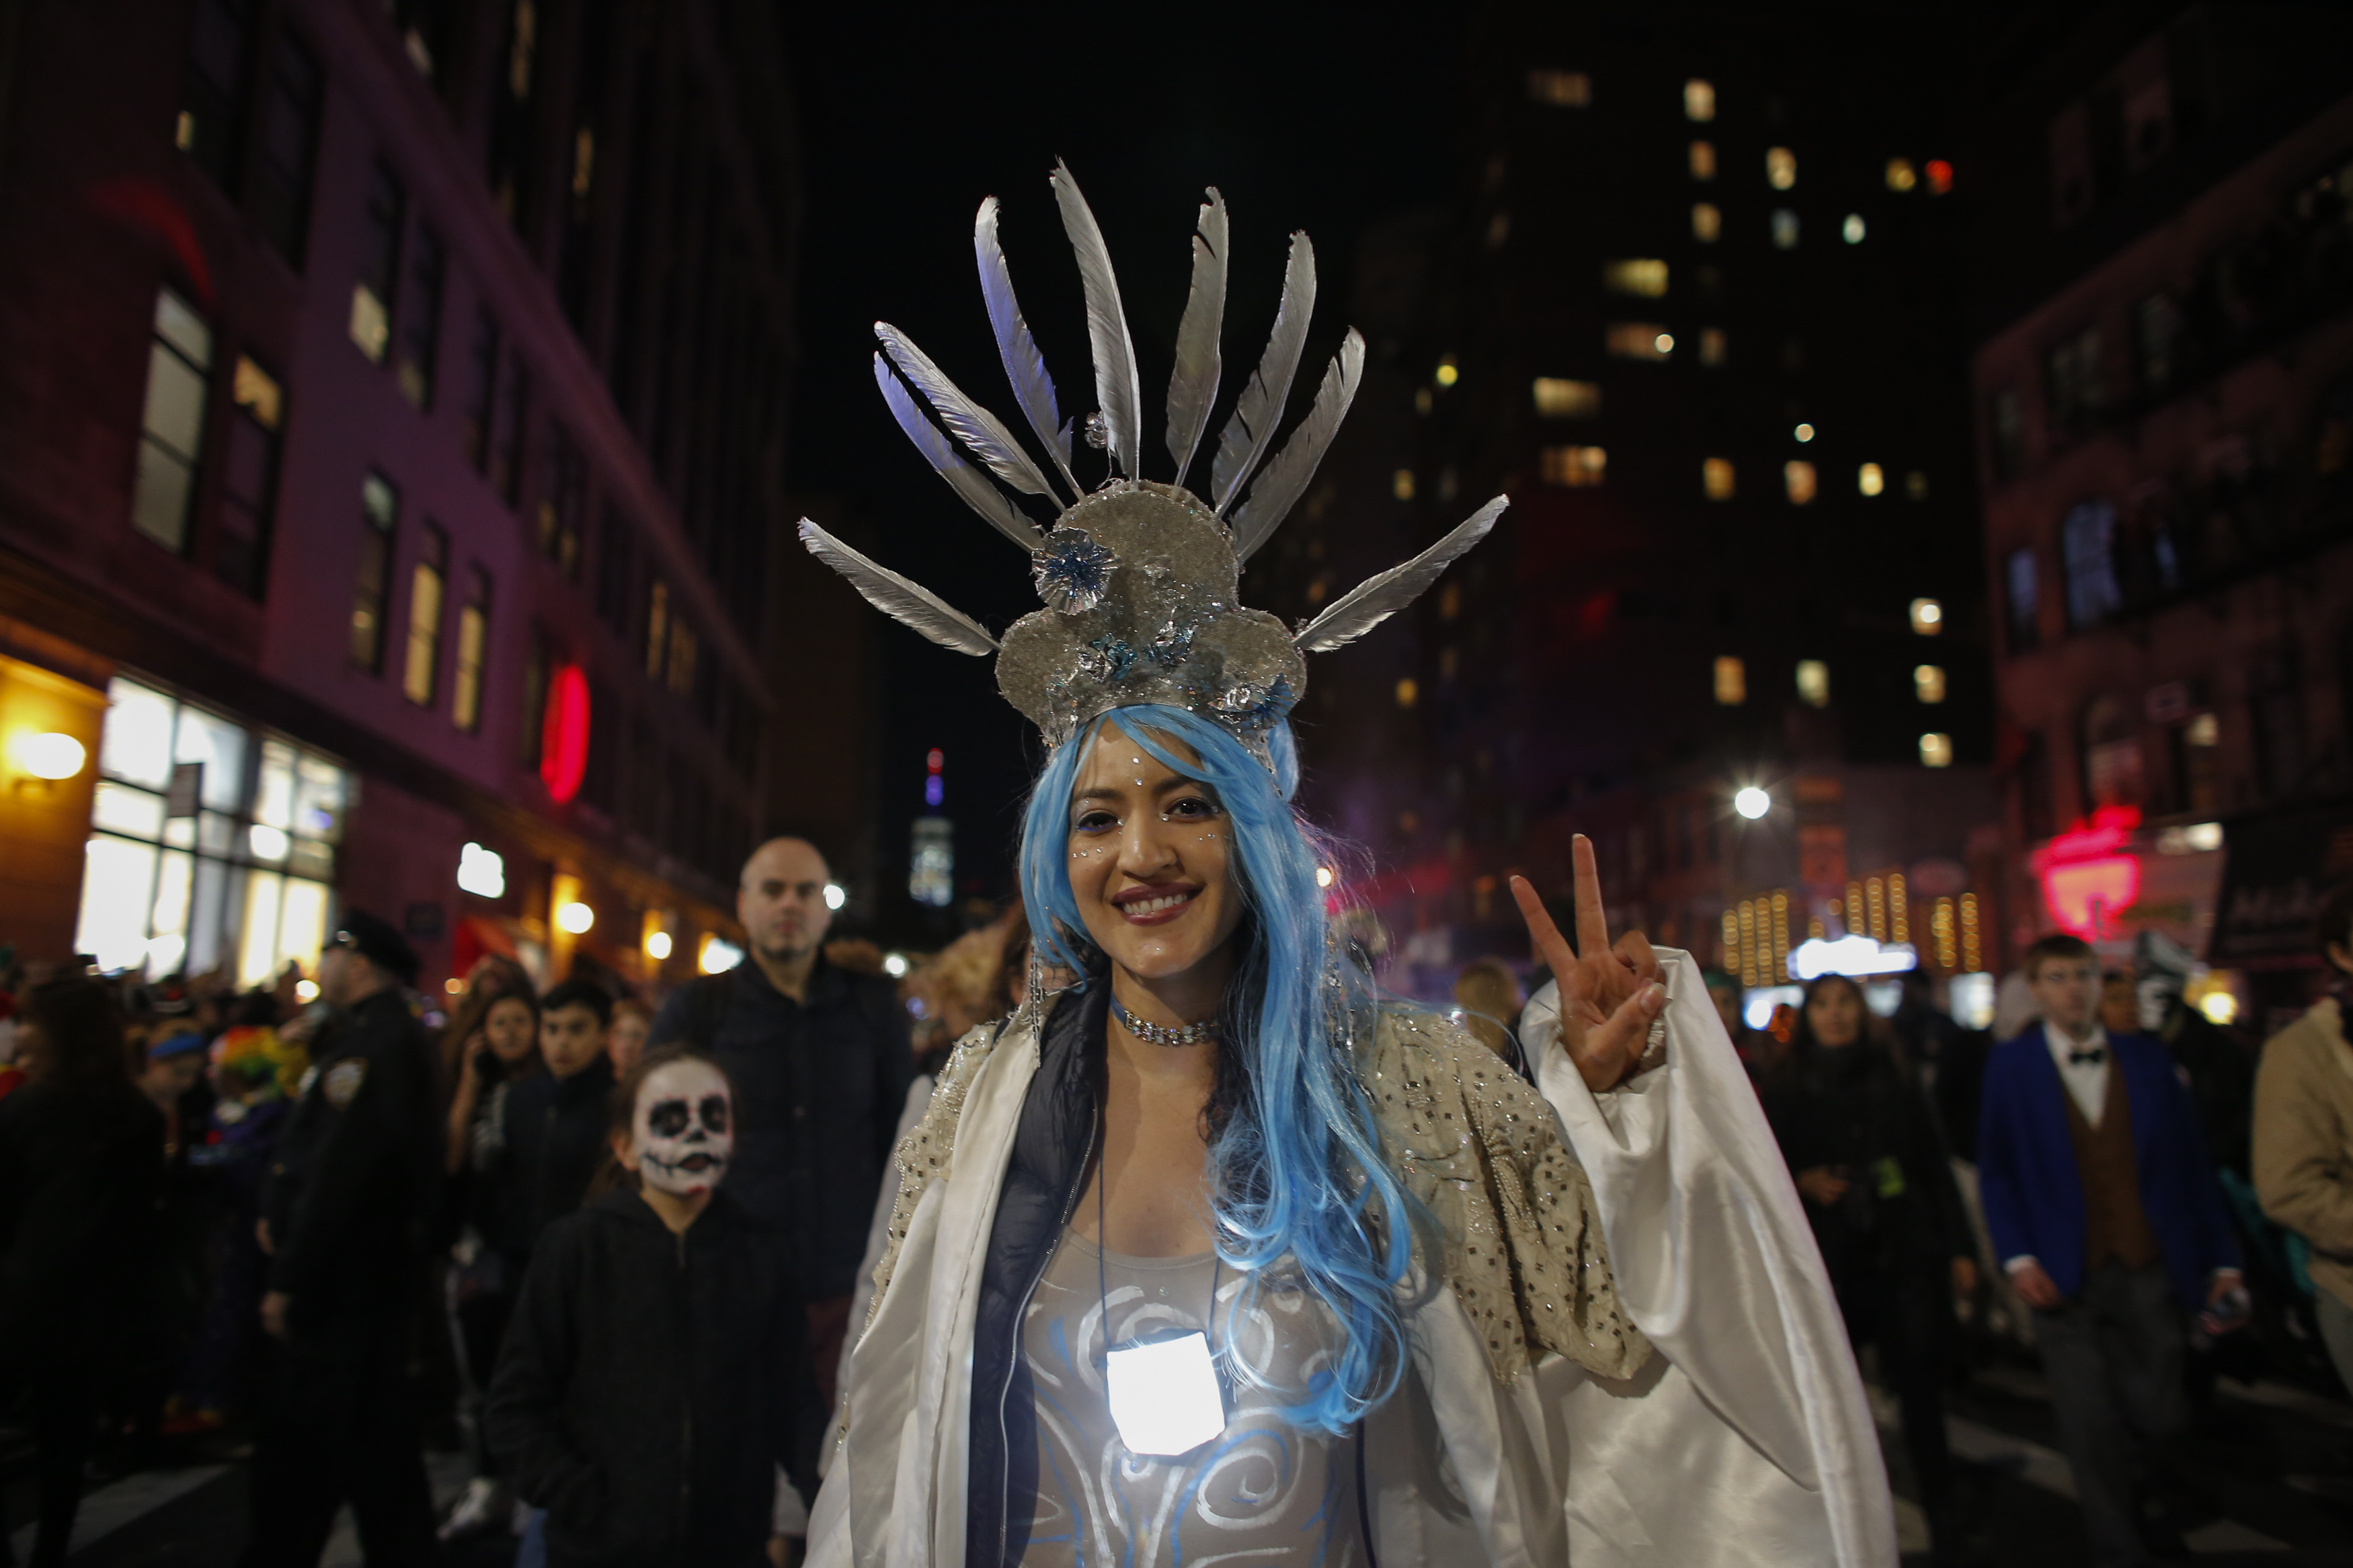 مشاركة في الاحتفالات بنيويورك ترفع علامة السلام